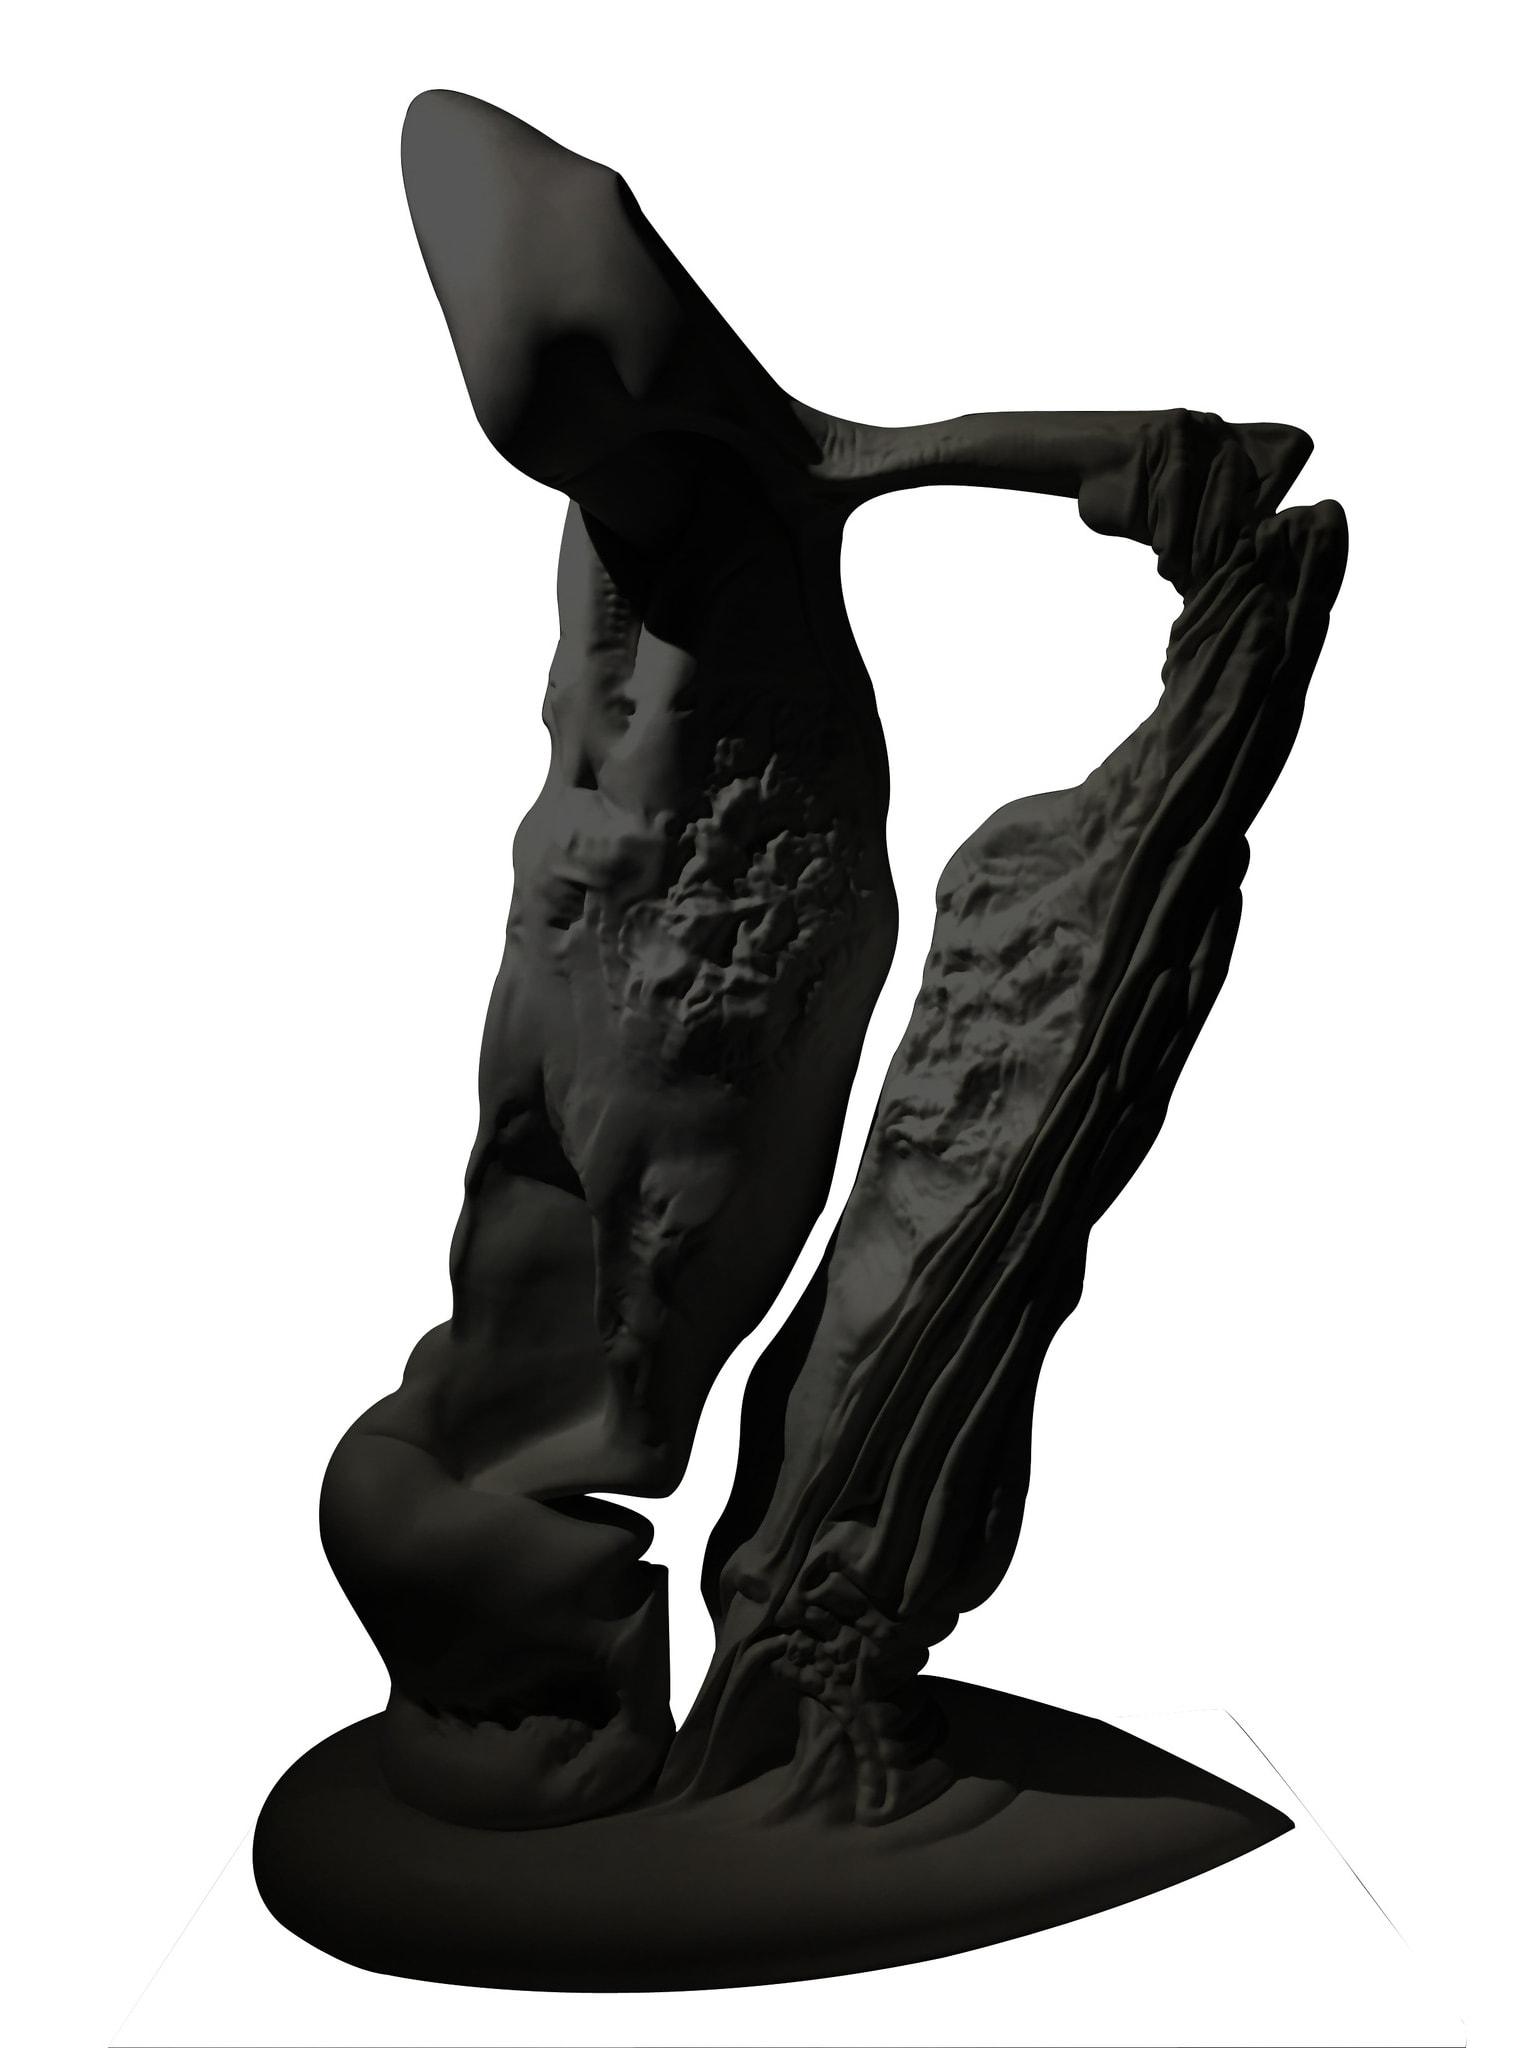 Silhouette 1 by Zhan Wang